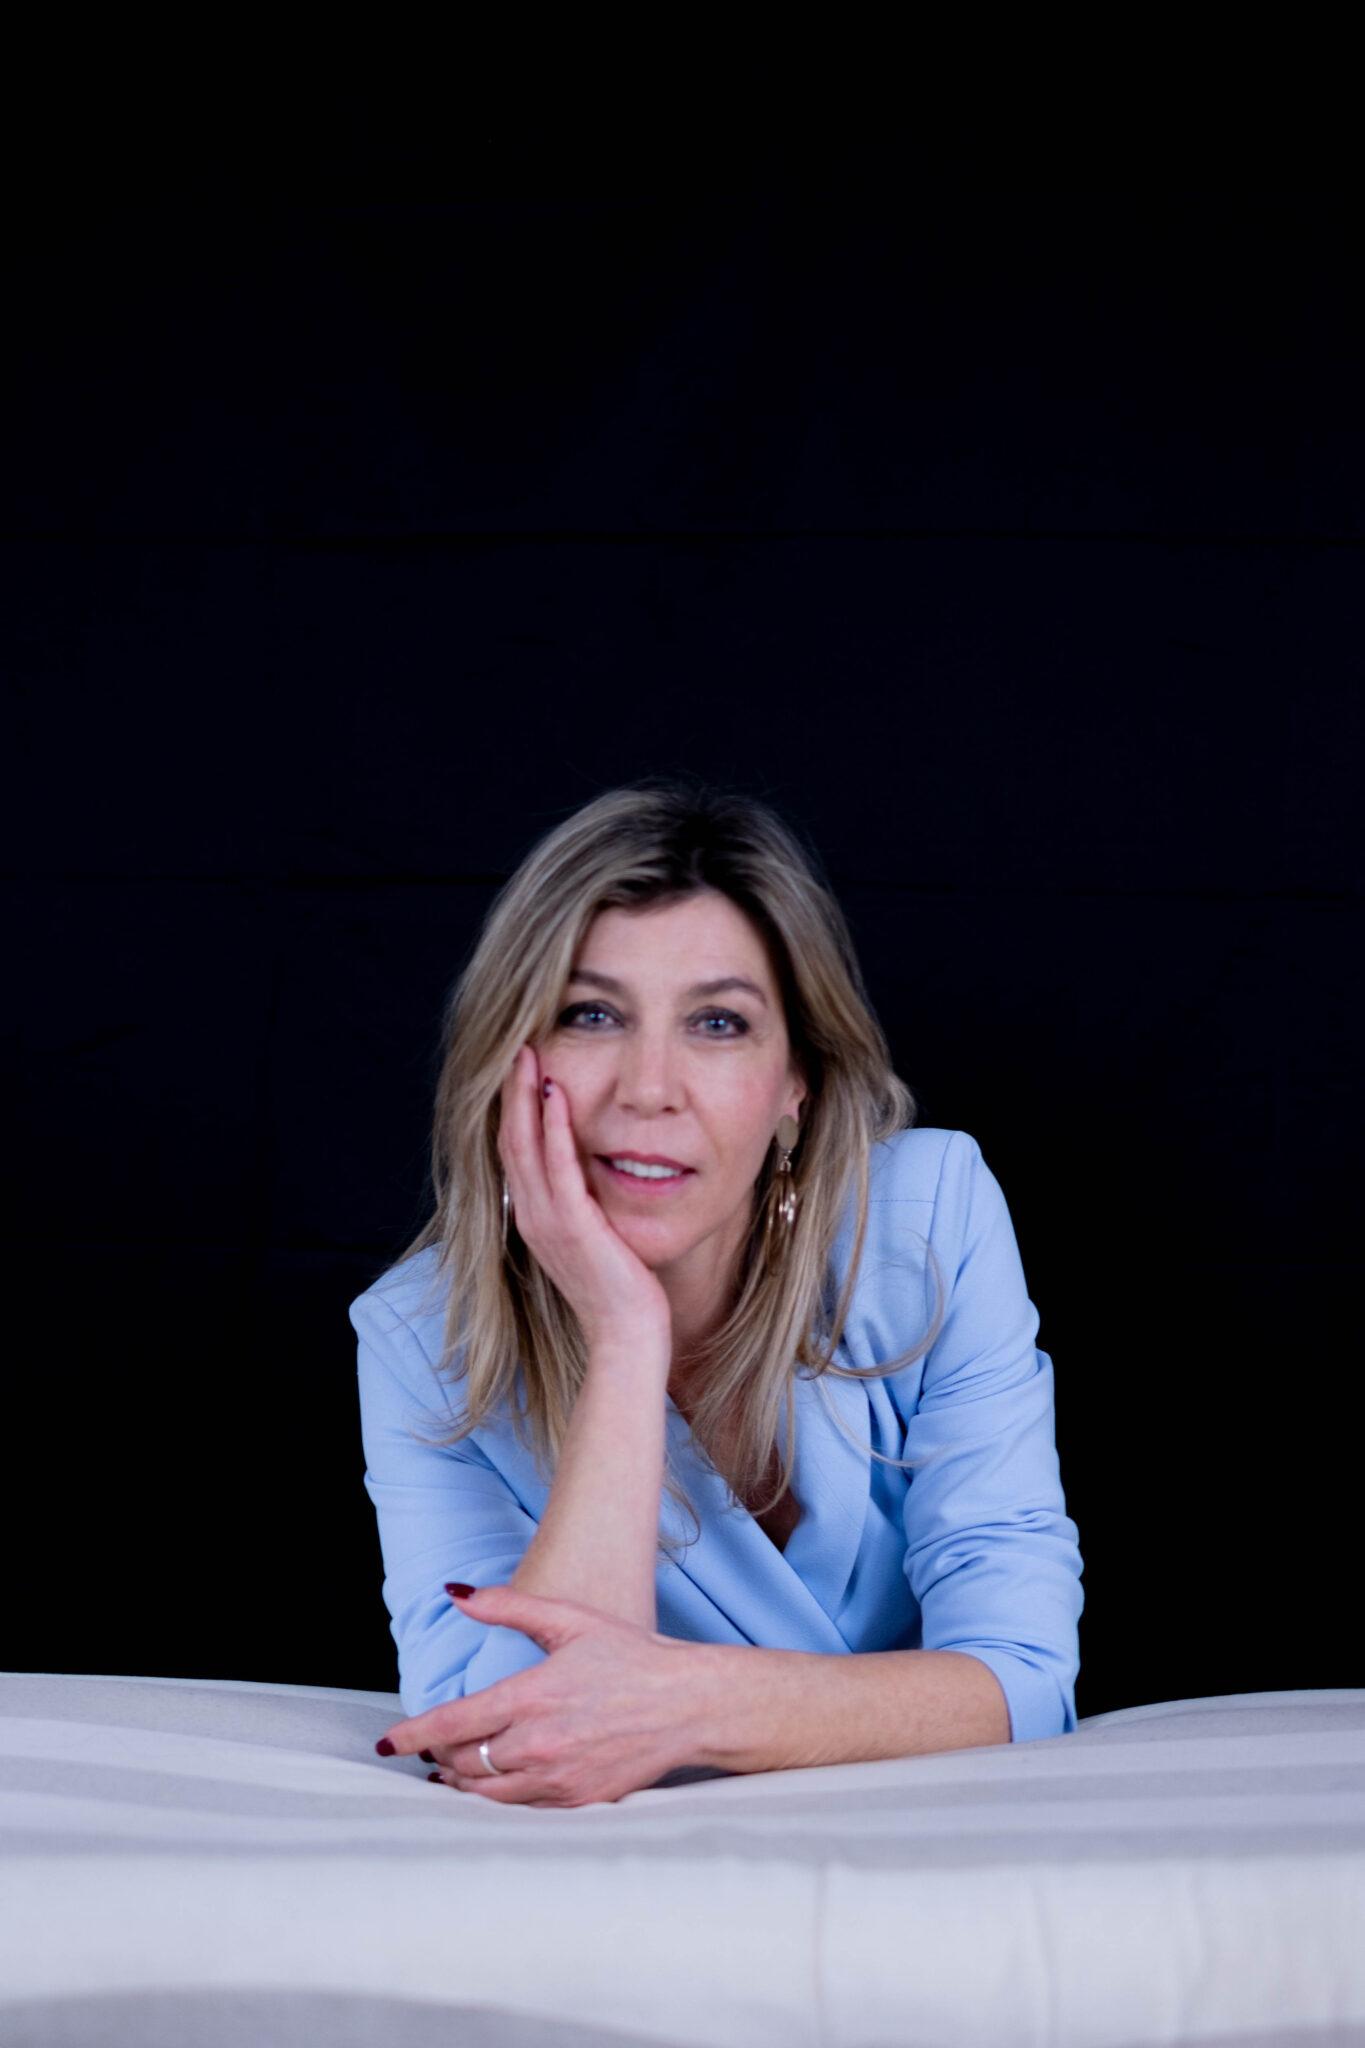 Michela Nestori